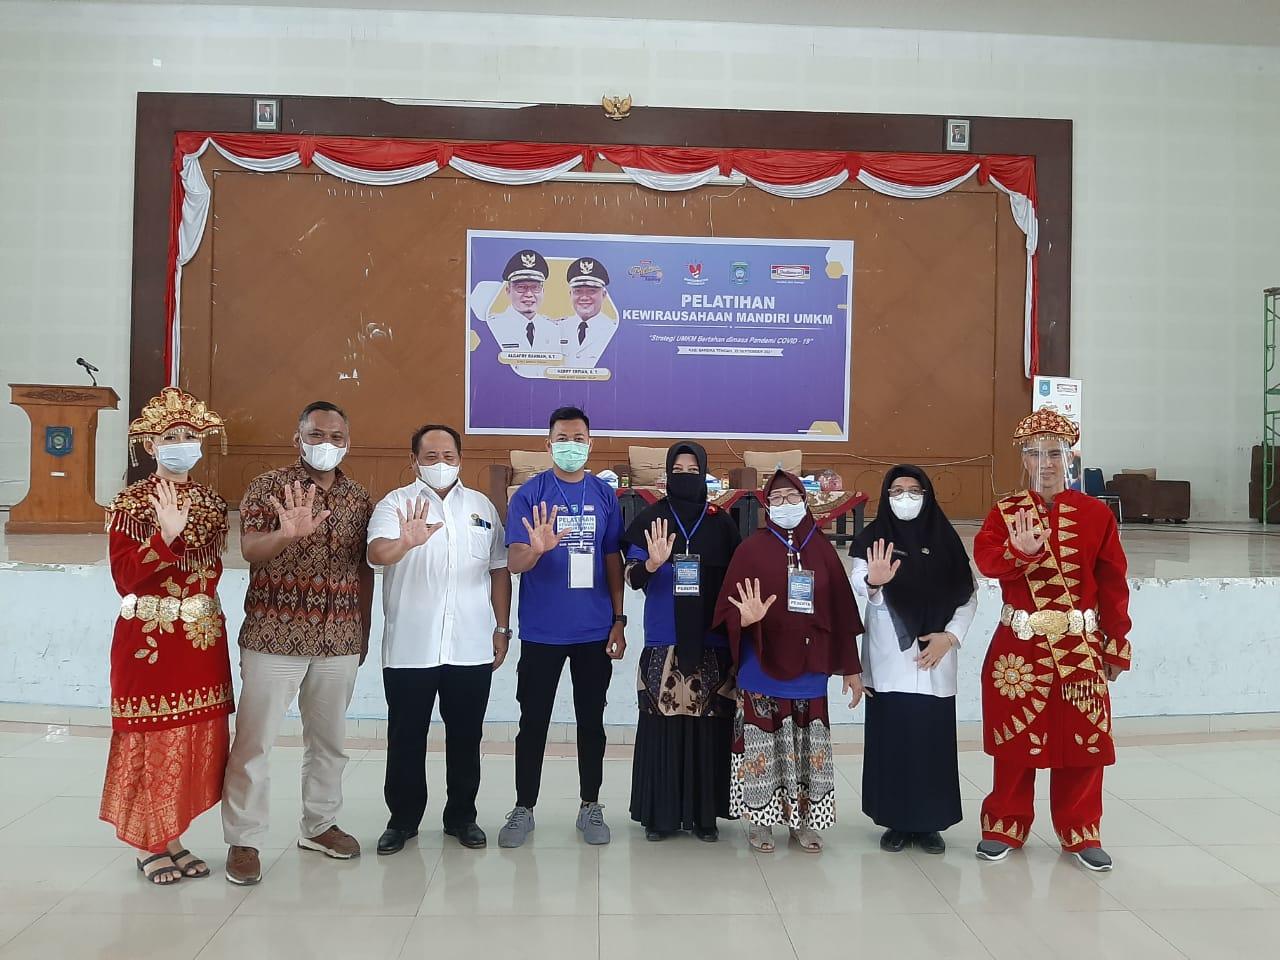 Indomaret bersama Pemkab Bateng saat menggelar pelatihan bagi pelaku UMKM Bangka Tengah yang digelar di Gedung Serbaguna (GSG) Kabupaten Bangka Tengah, Rabu (22/9).